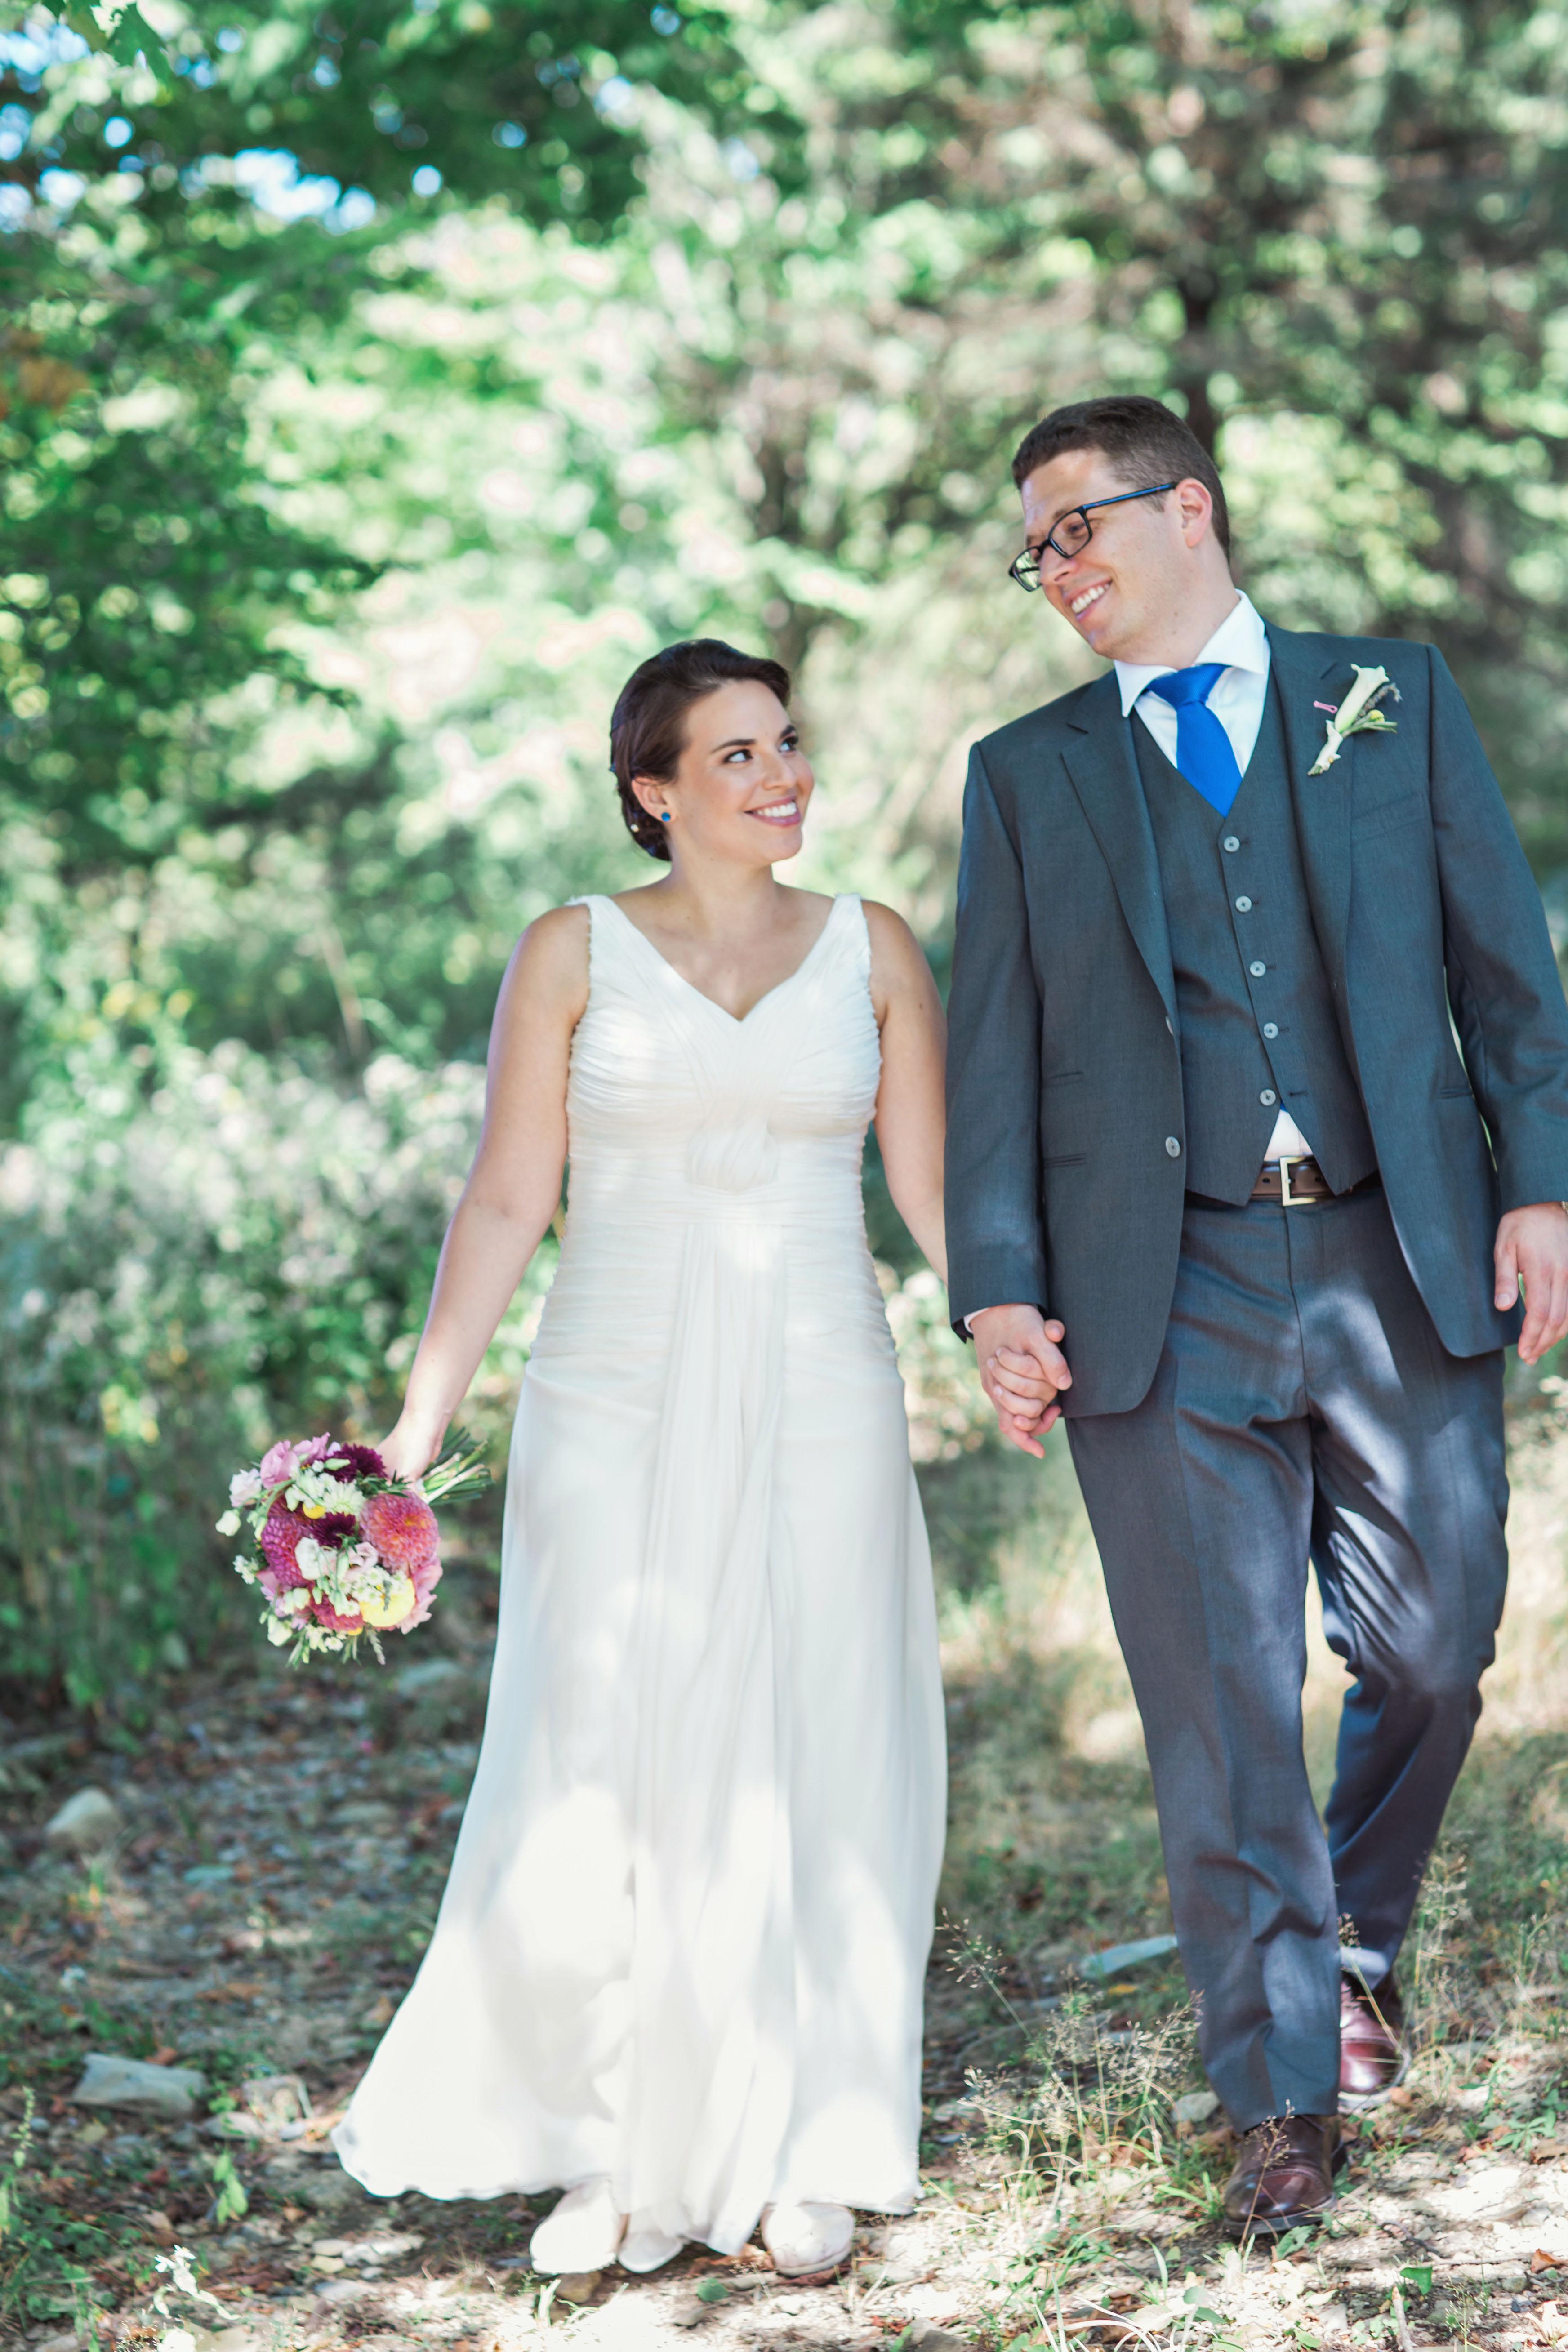 Поздравление на свадьбу одногруппнице имени мия